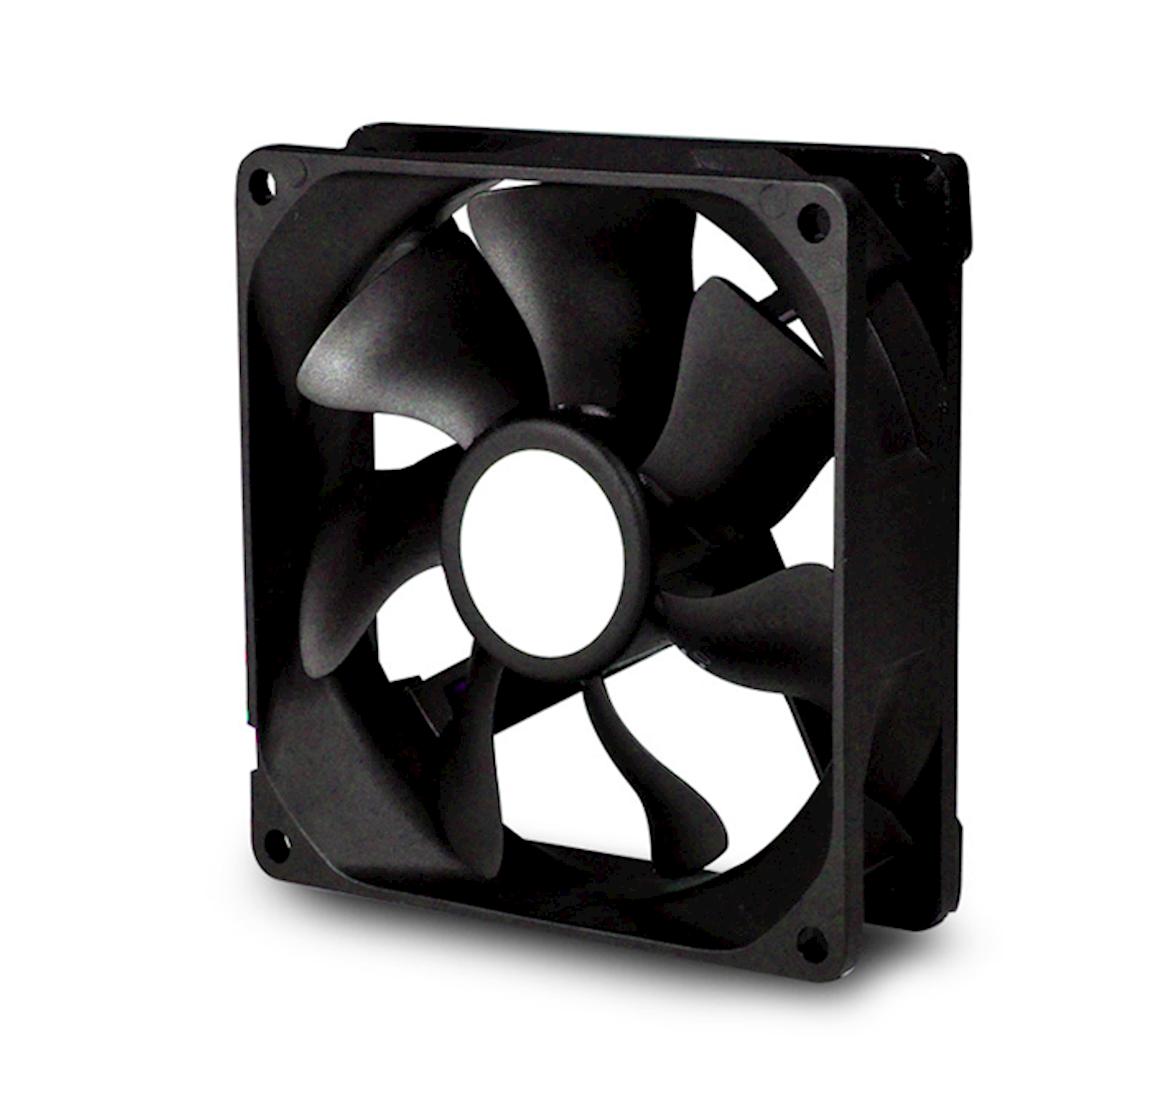 92mm PWM Fan